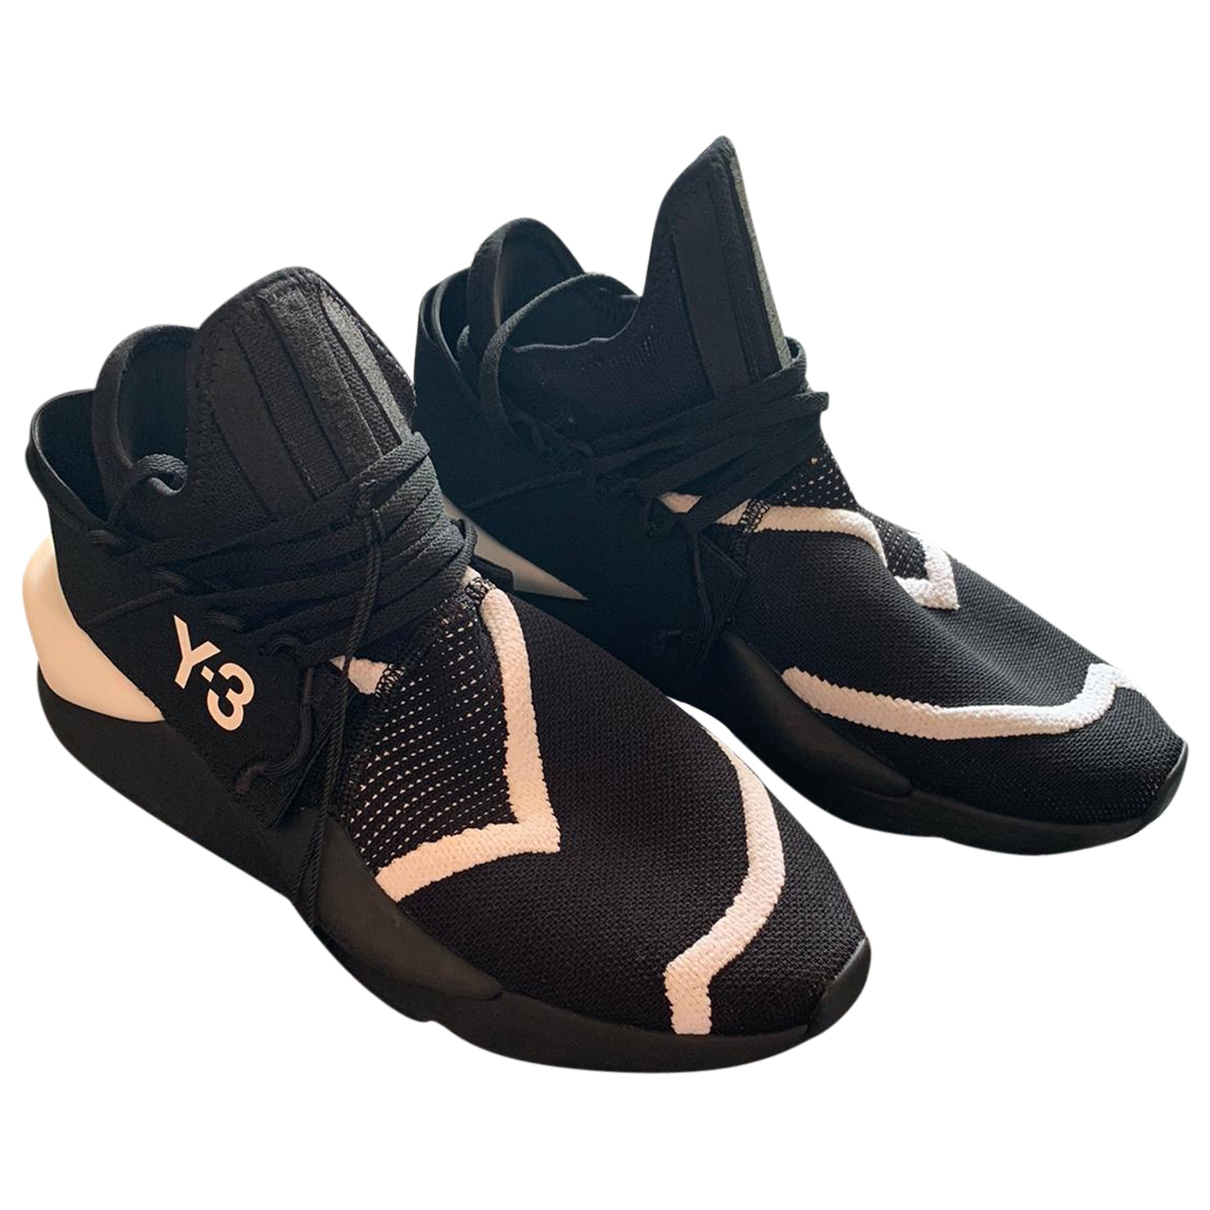 Y-3 - Baskets   pour homme en toile - noir